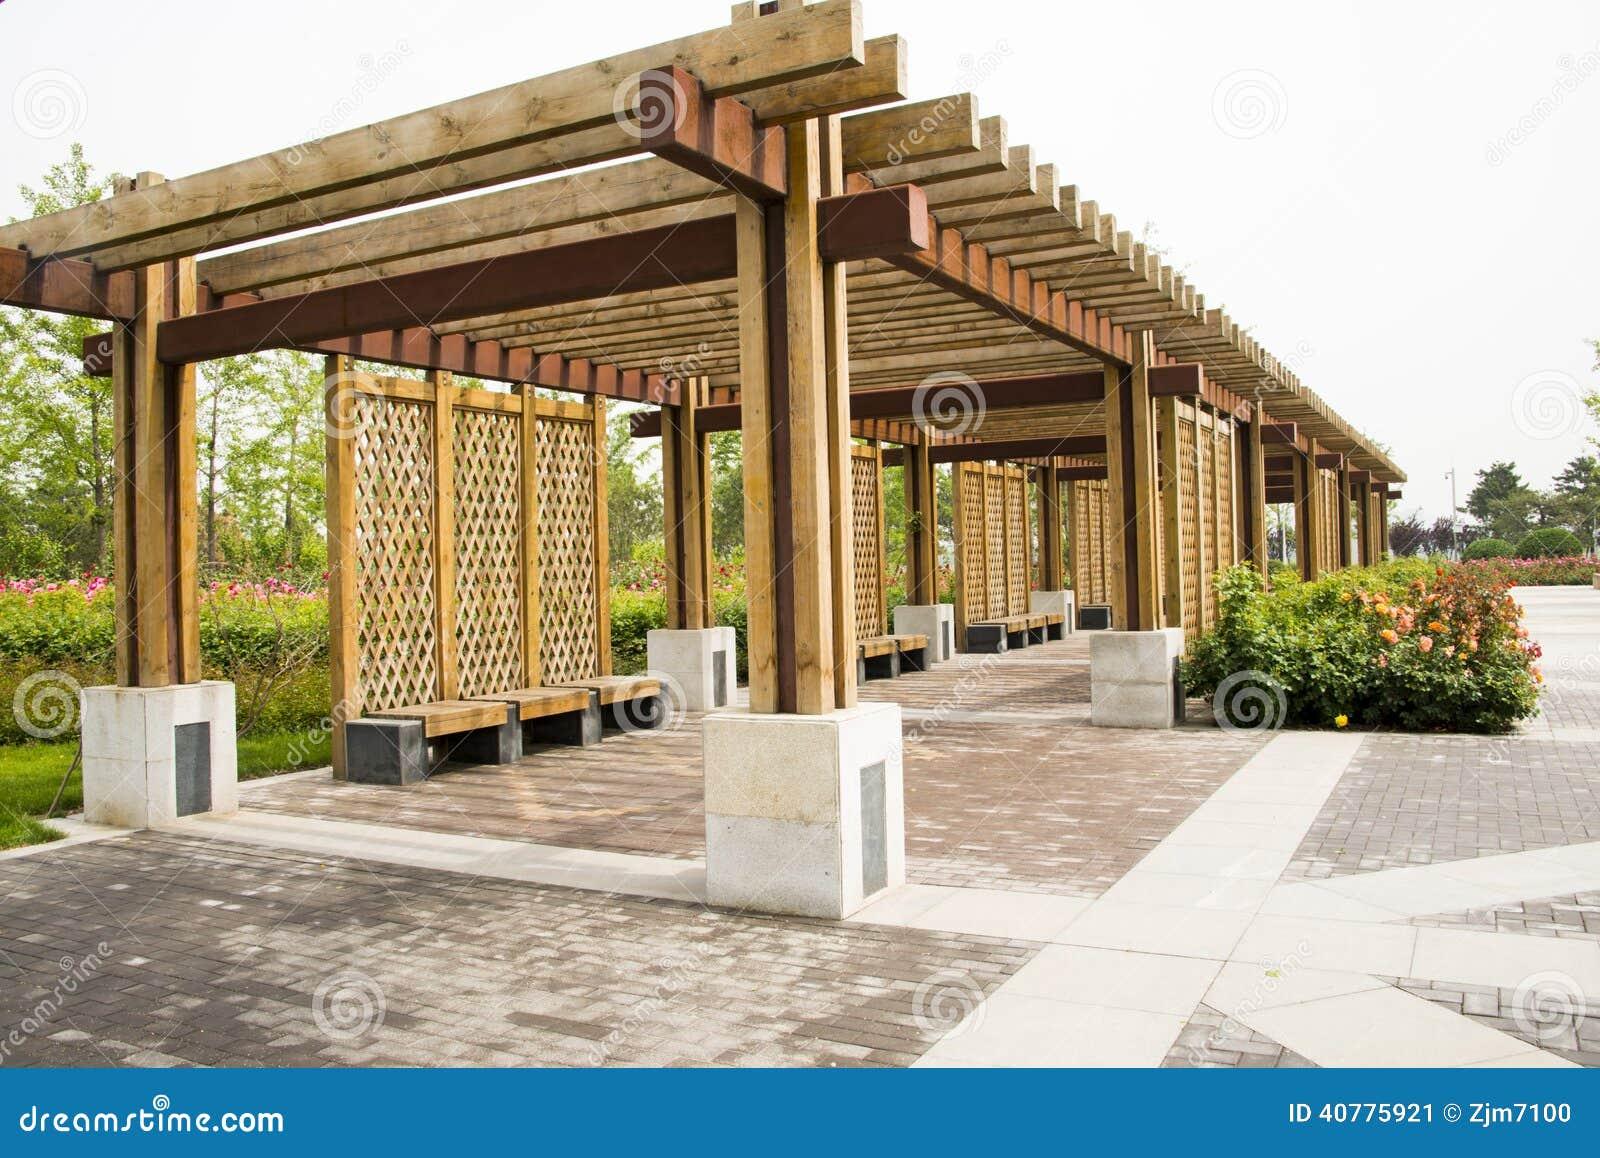 LAsiatique Chine, Maison En Bois De Structure, Sest Levé Photo stoc